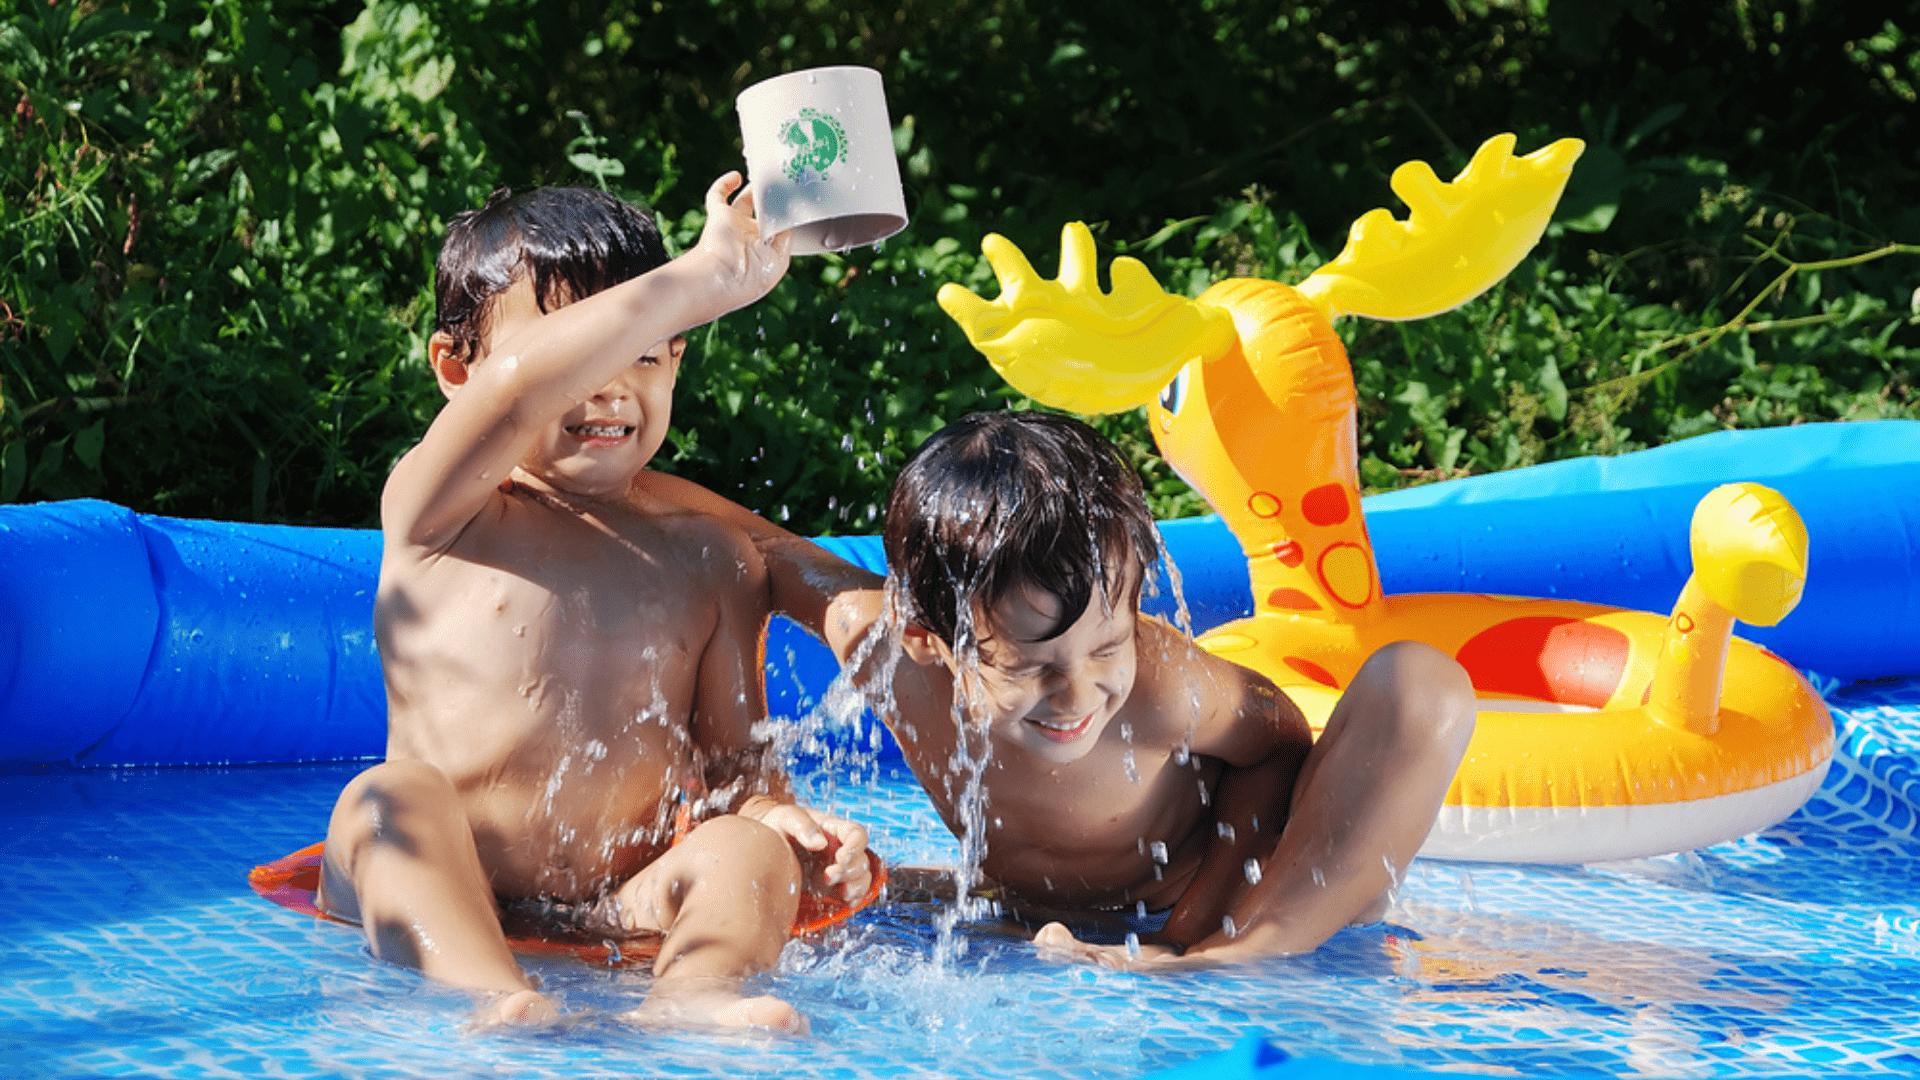 Veja a nossa seleção das melhores piscinas infantils de 2021! (Imagem: Reprodução/Shutterstock)